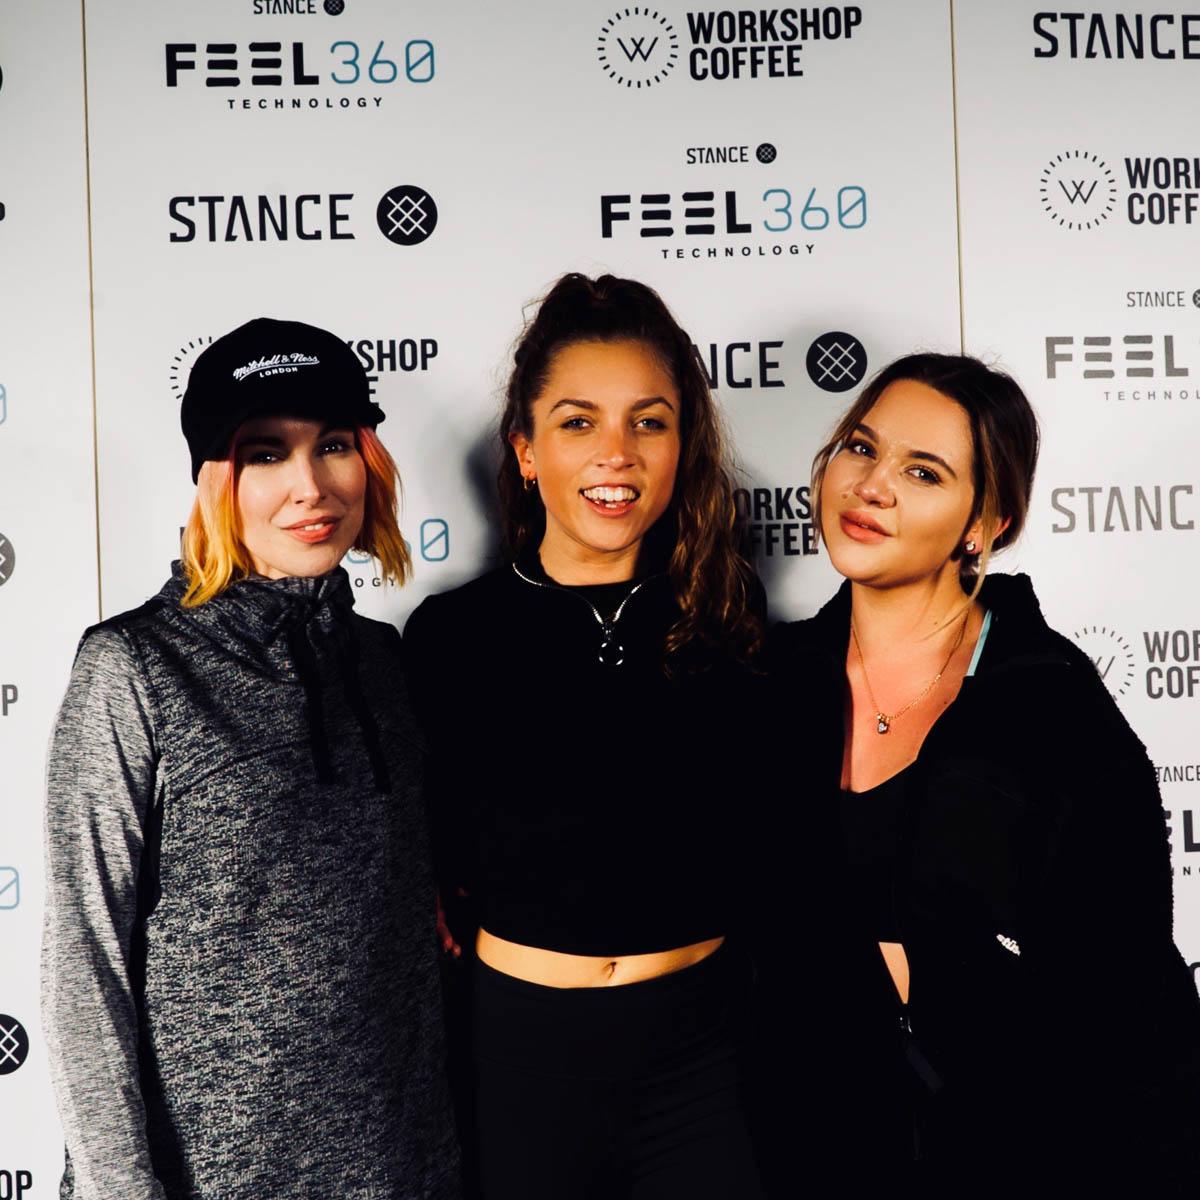 Stance Feel 360